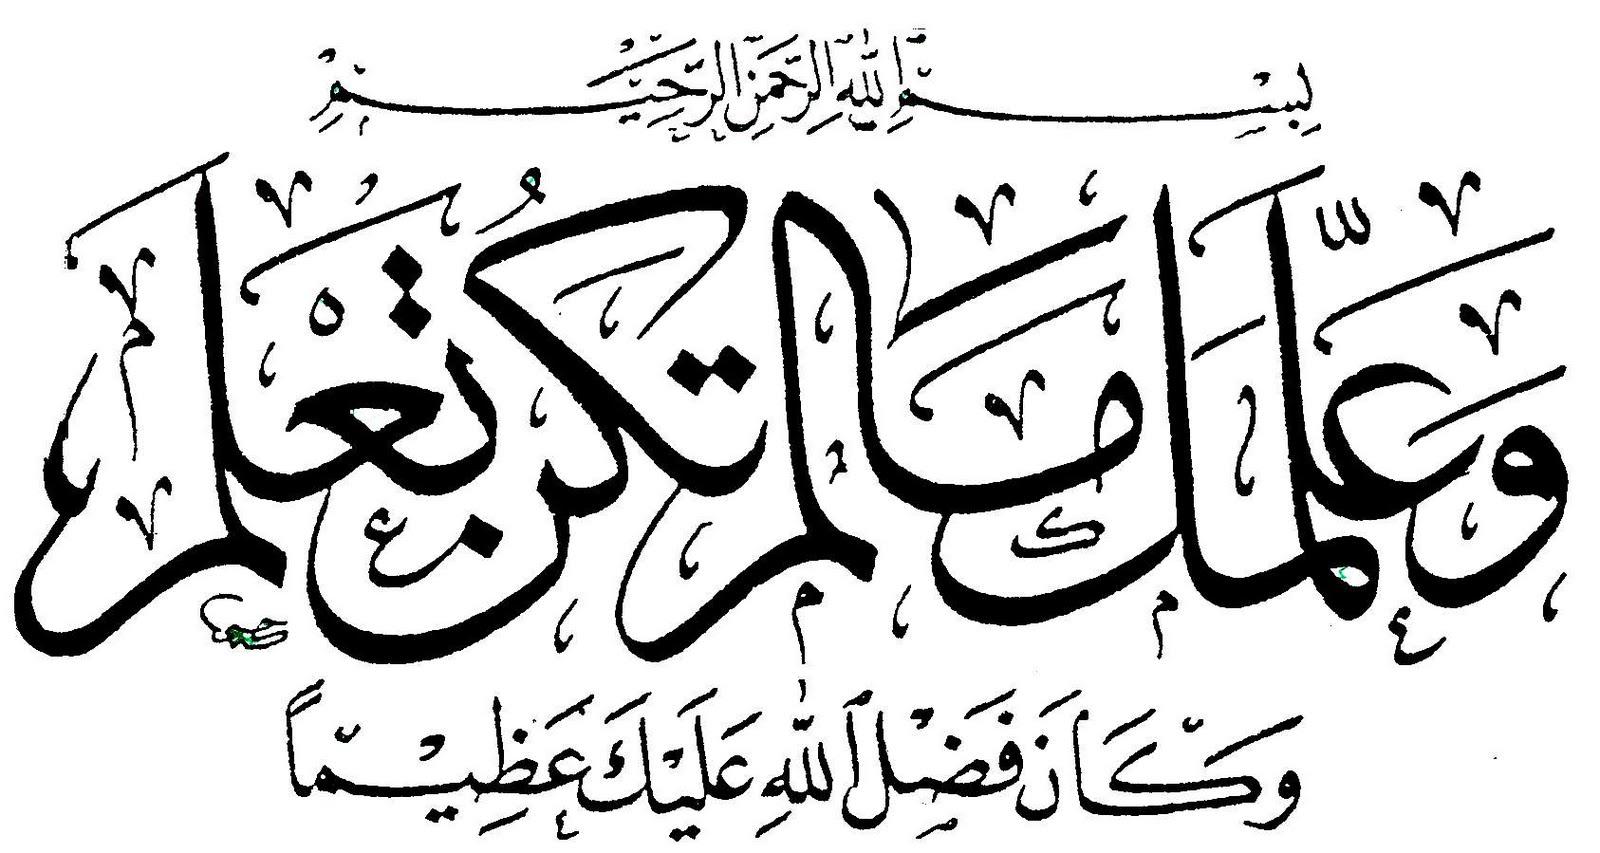 اهتمام باكستاني بالخط العربي